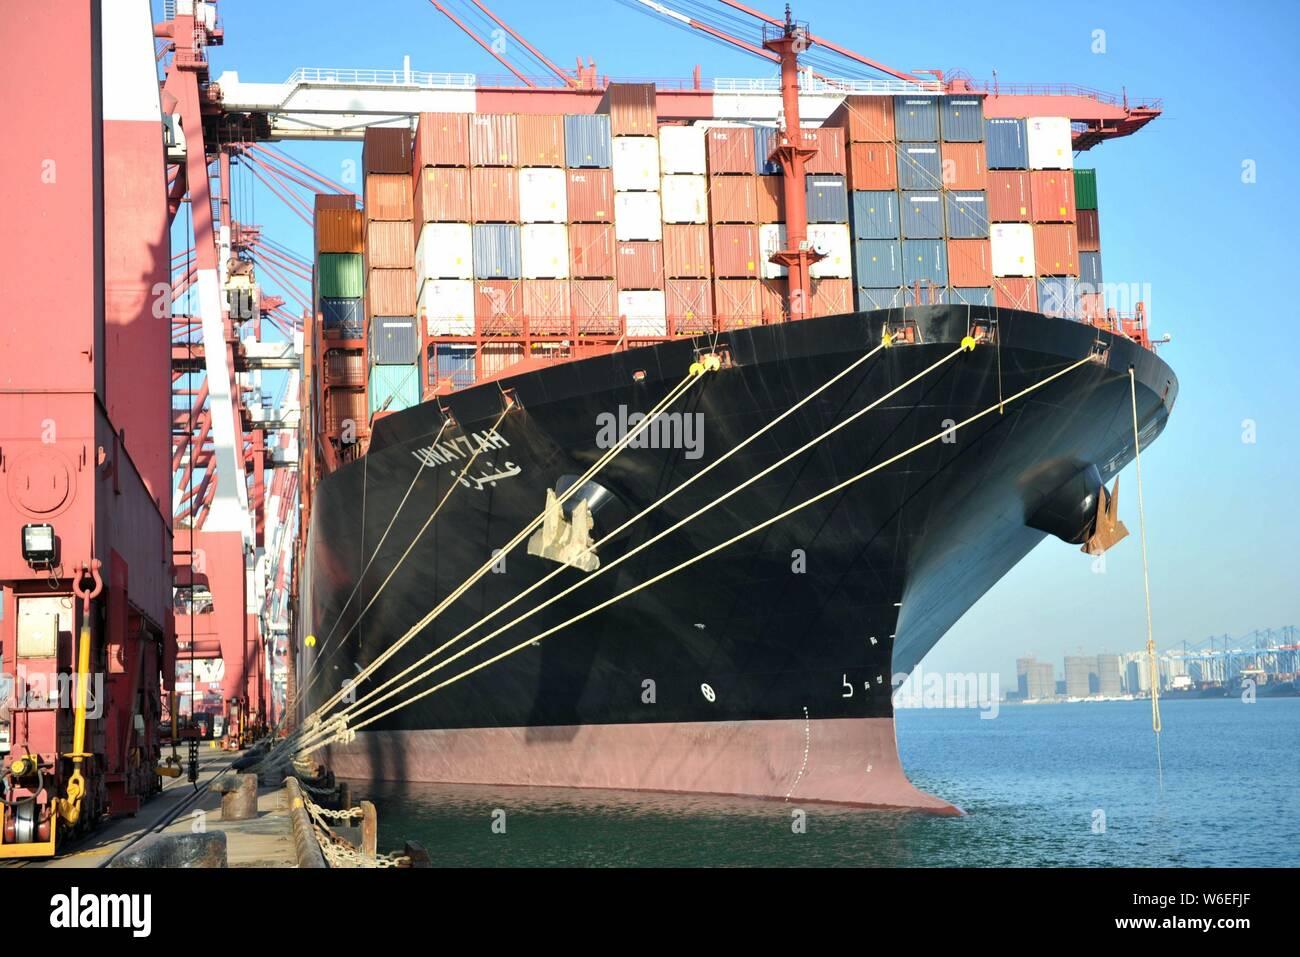 Shipping Cargo Stock Photos & Shipping Cargo Stock Images